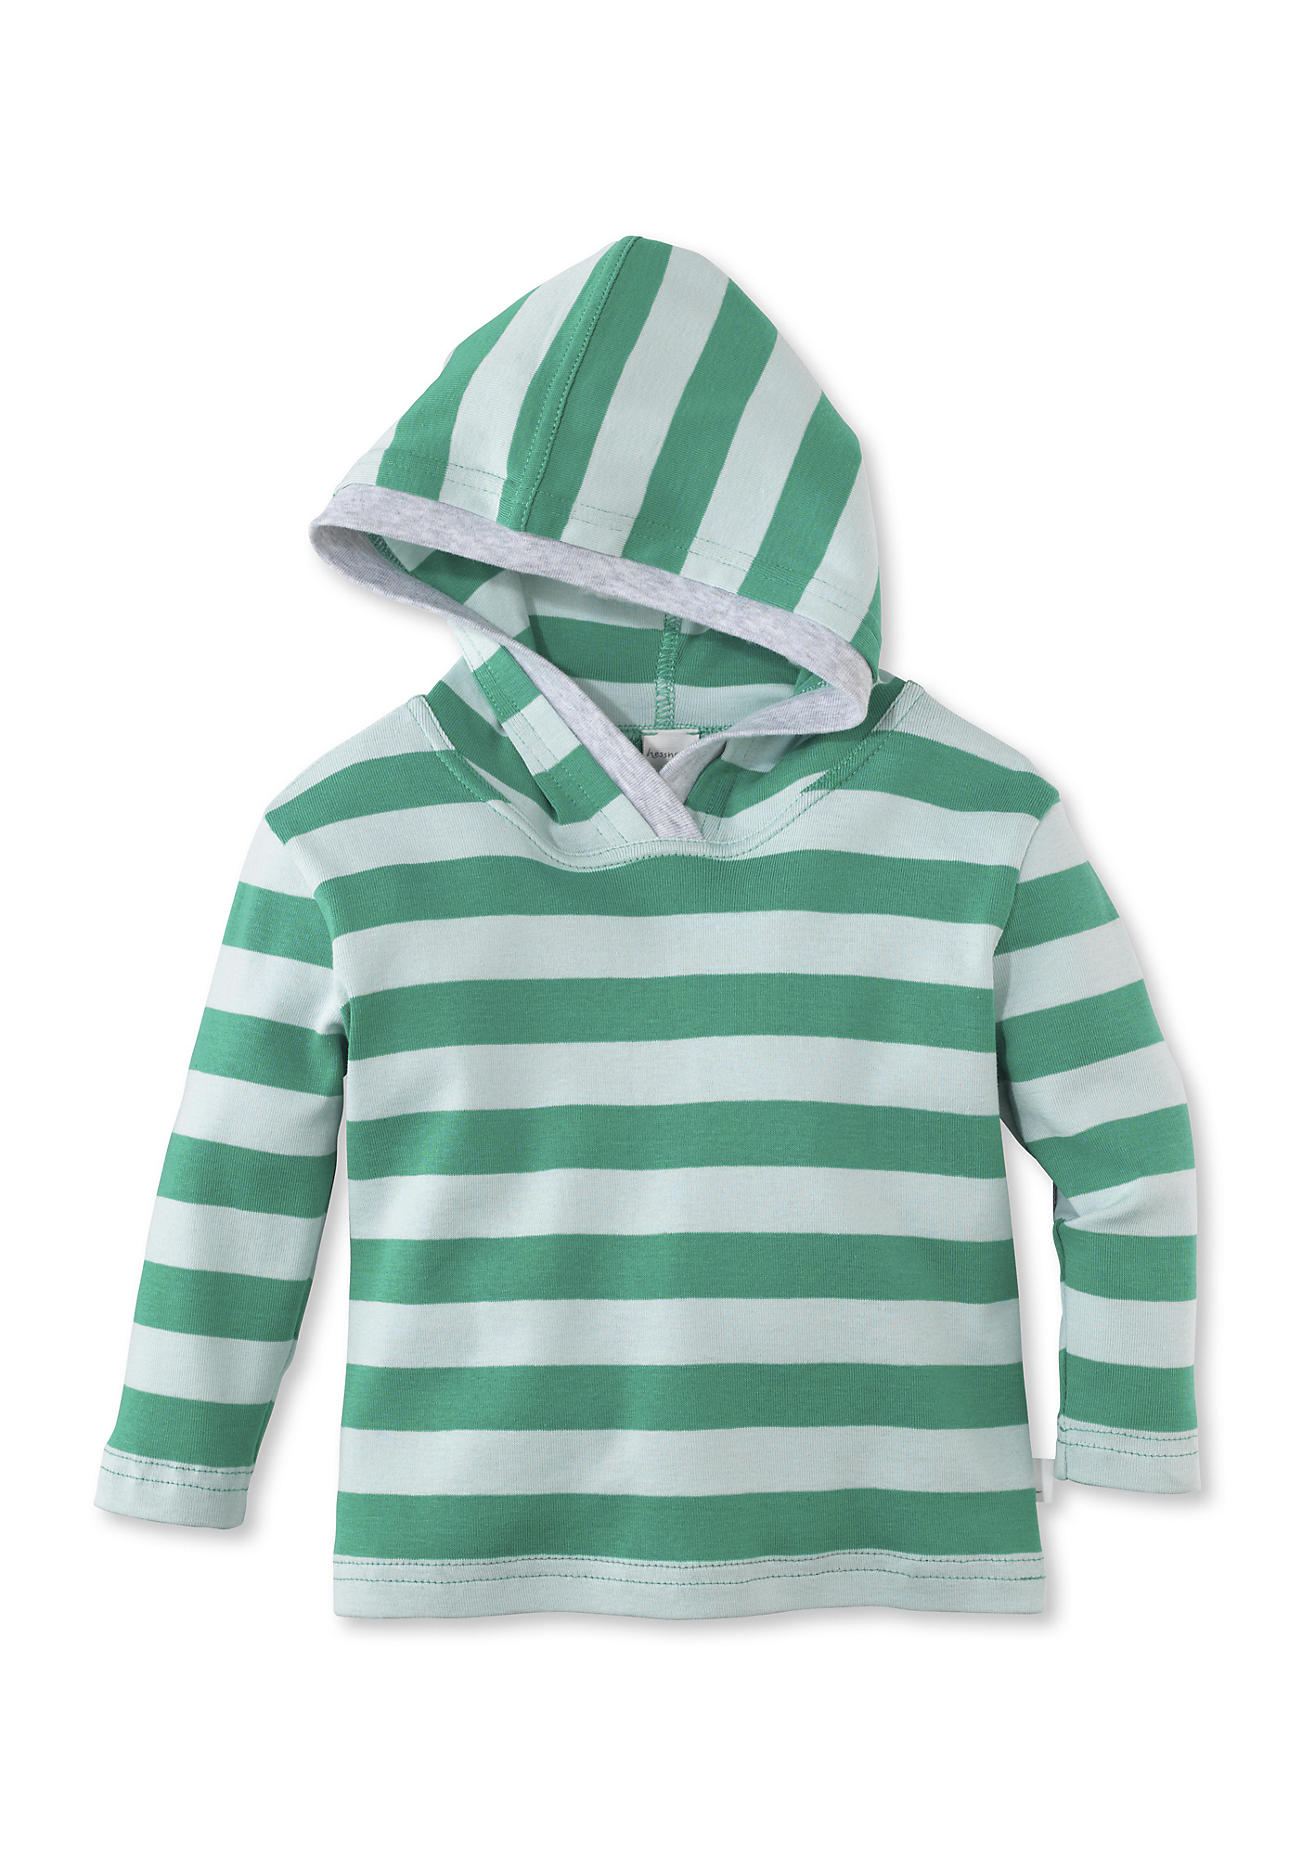 hessnatur Baby Kapuzen-Shirt aus Bio-Baumwolle – grün – Größe 74/80